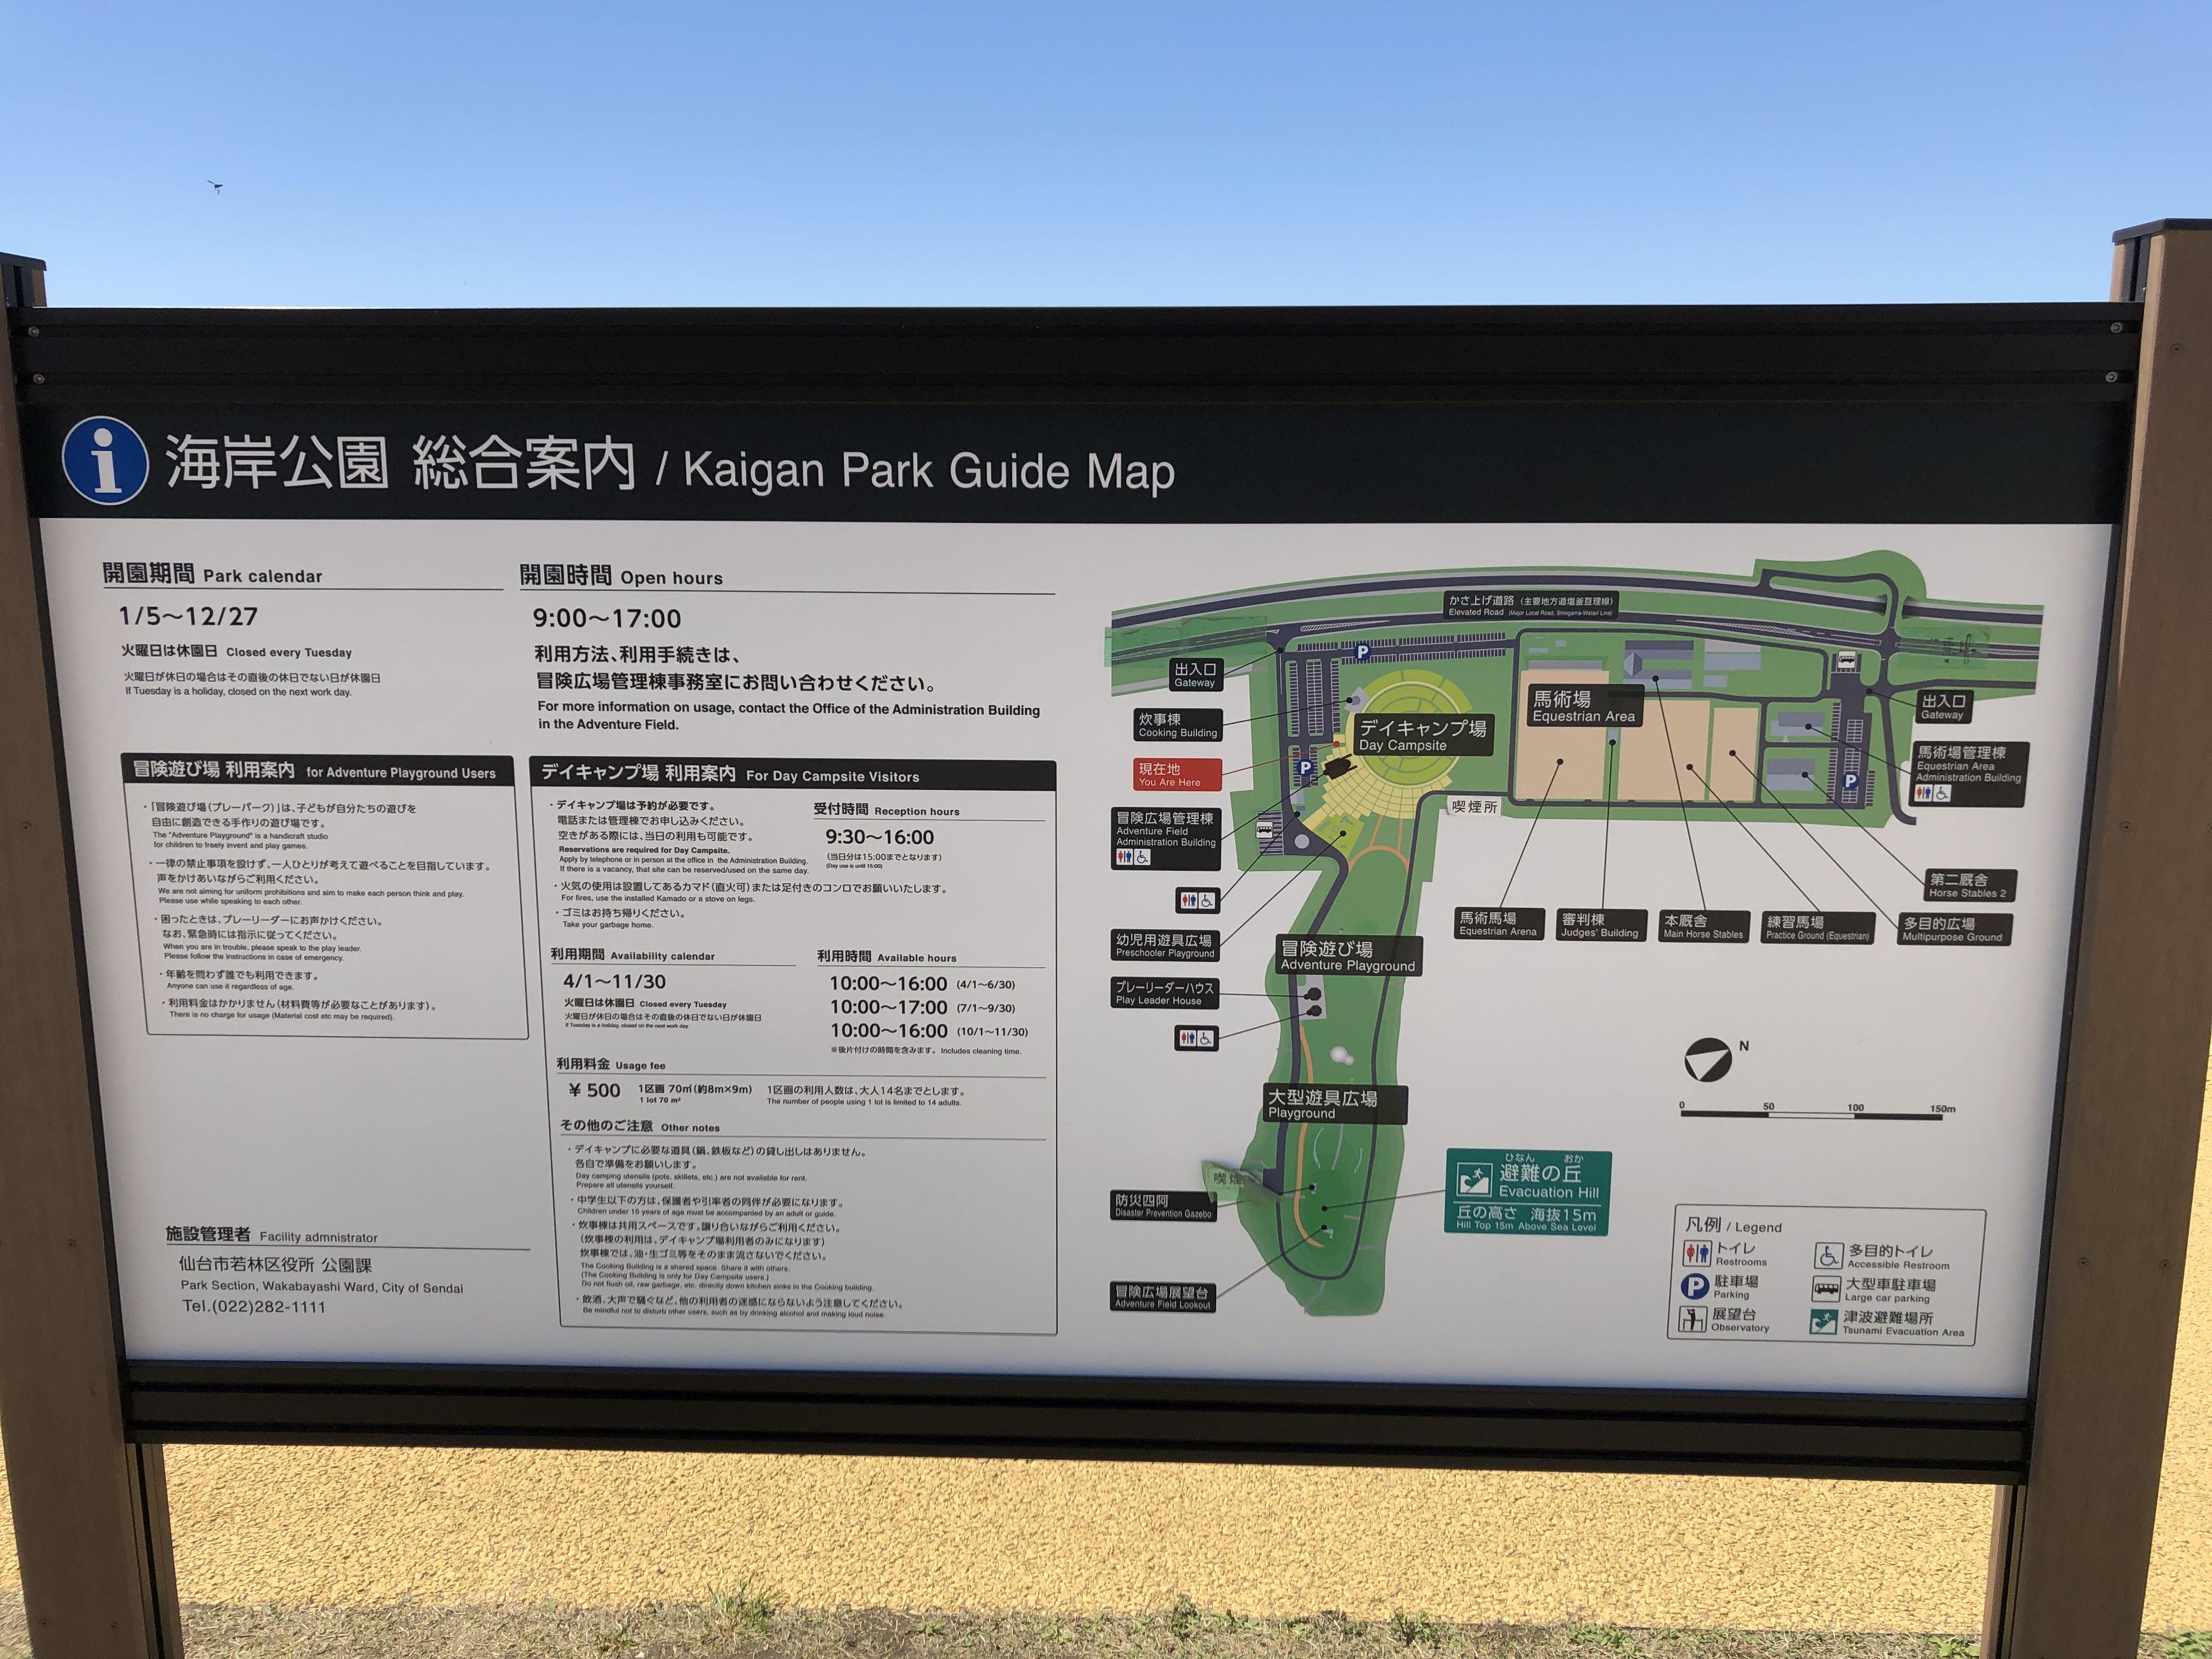 海岸公園冒険広場案内図